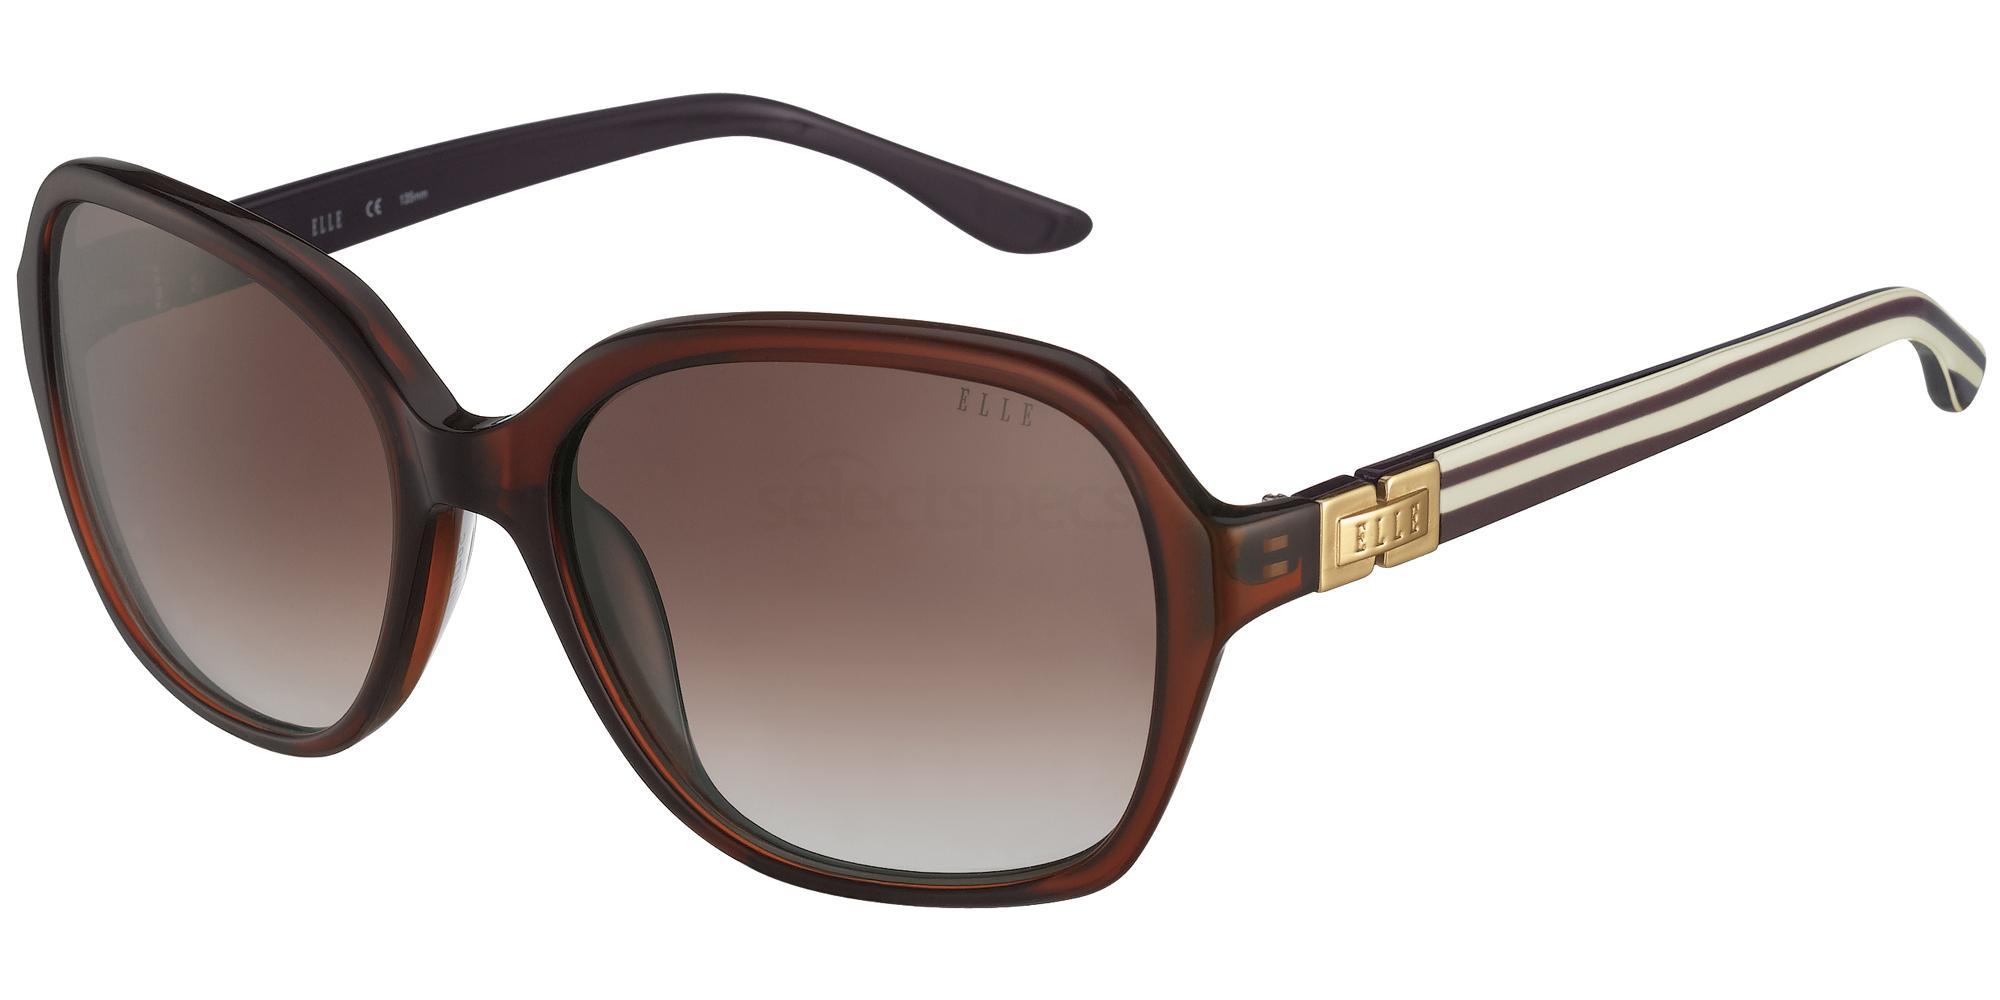 BR EL14832 Sunglasses, ELLE